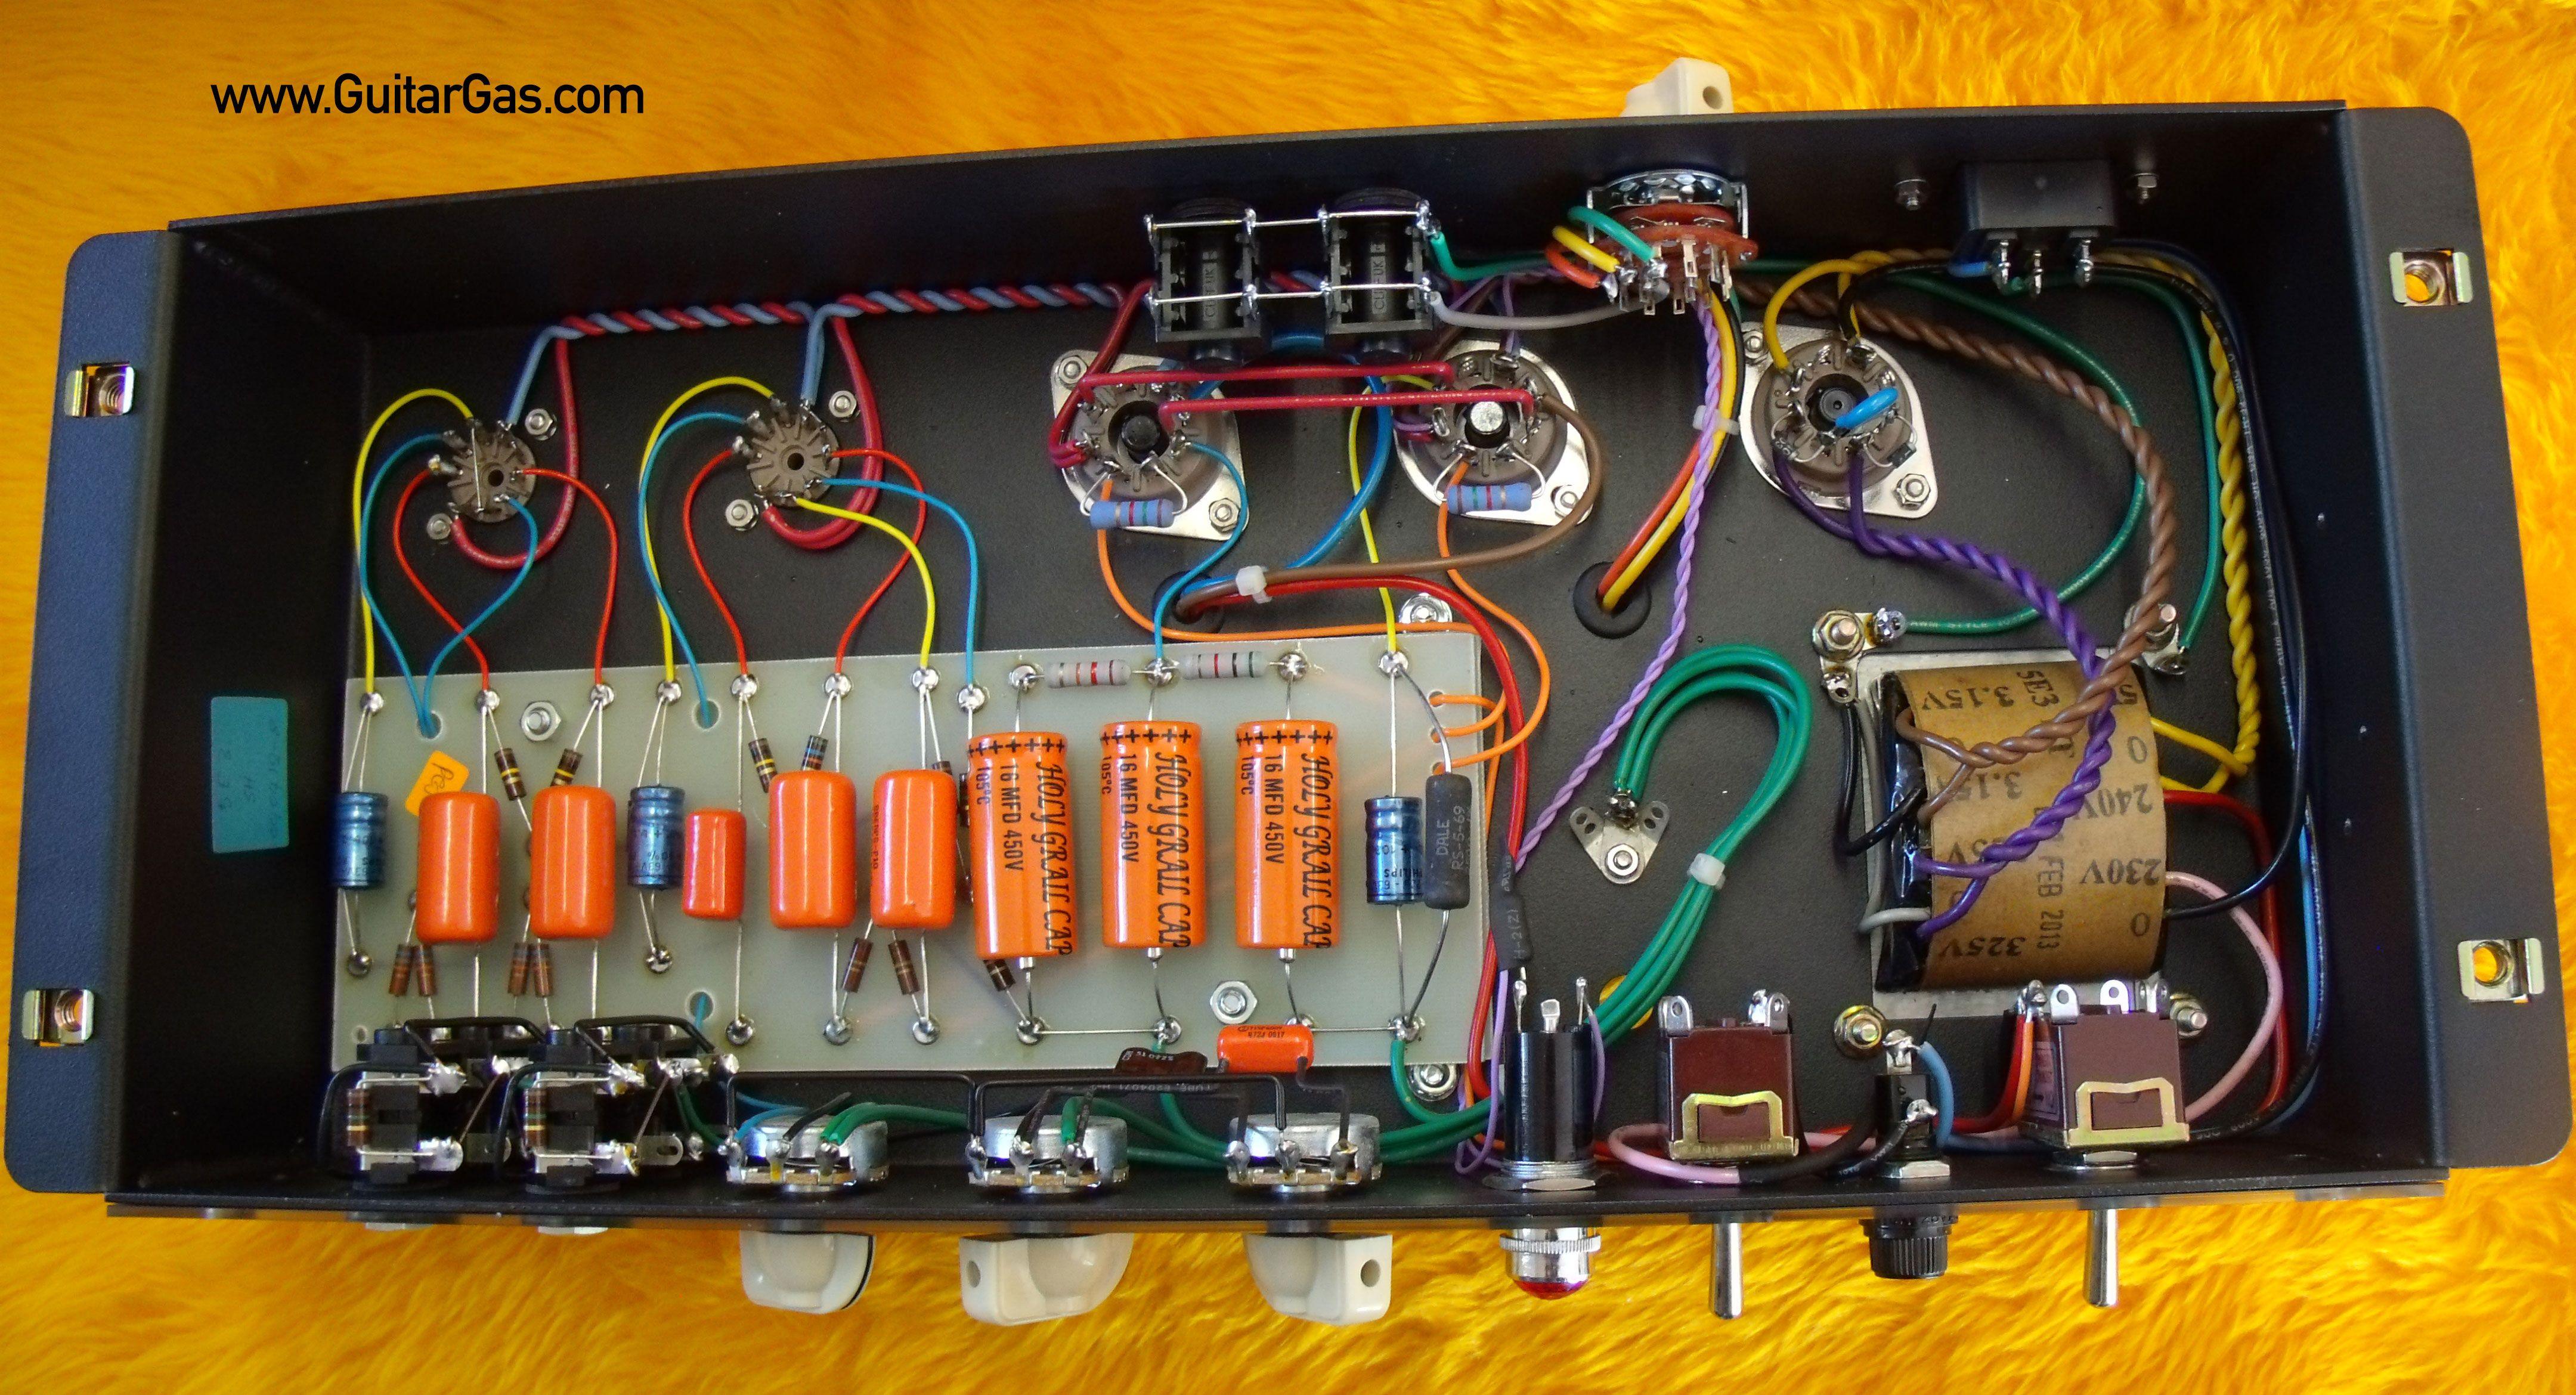 ceriatone 5e3 tweed deluxe circuit [ 4320 x 2339 Pixel ]